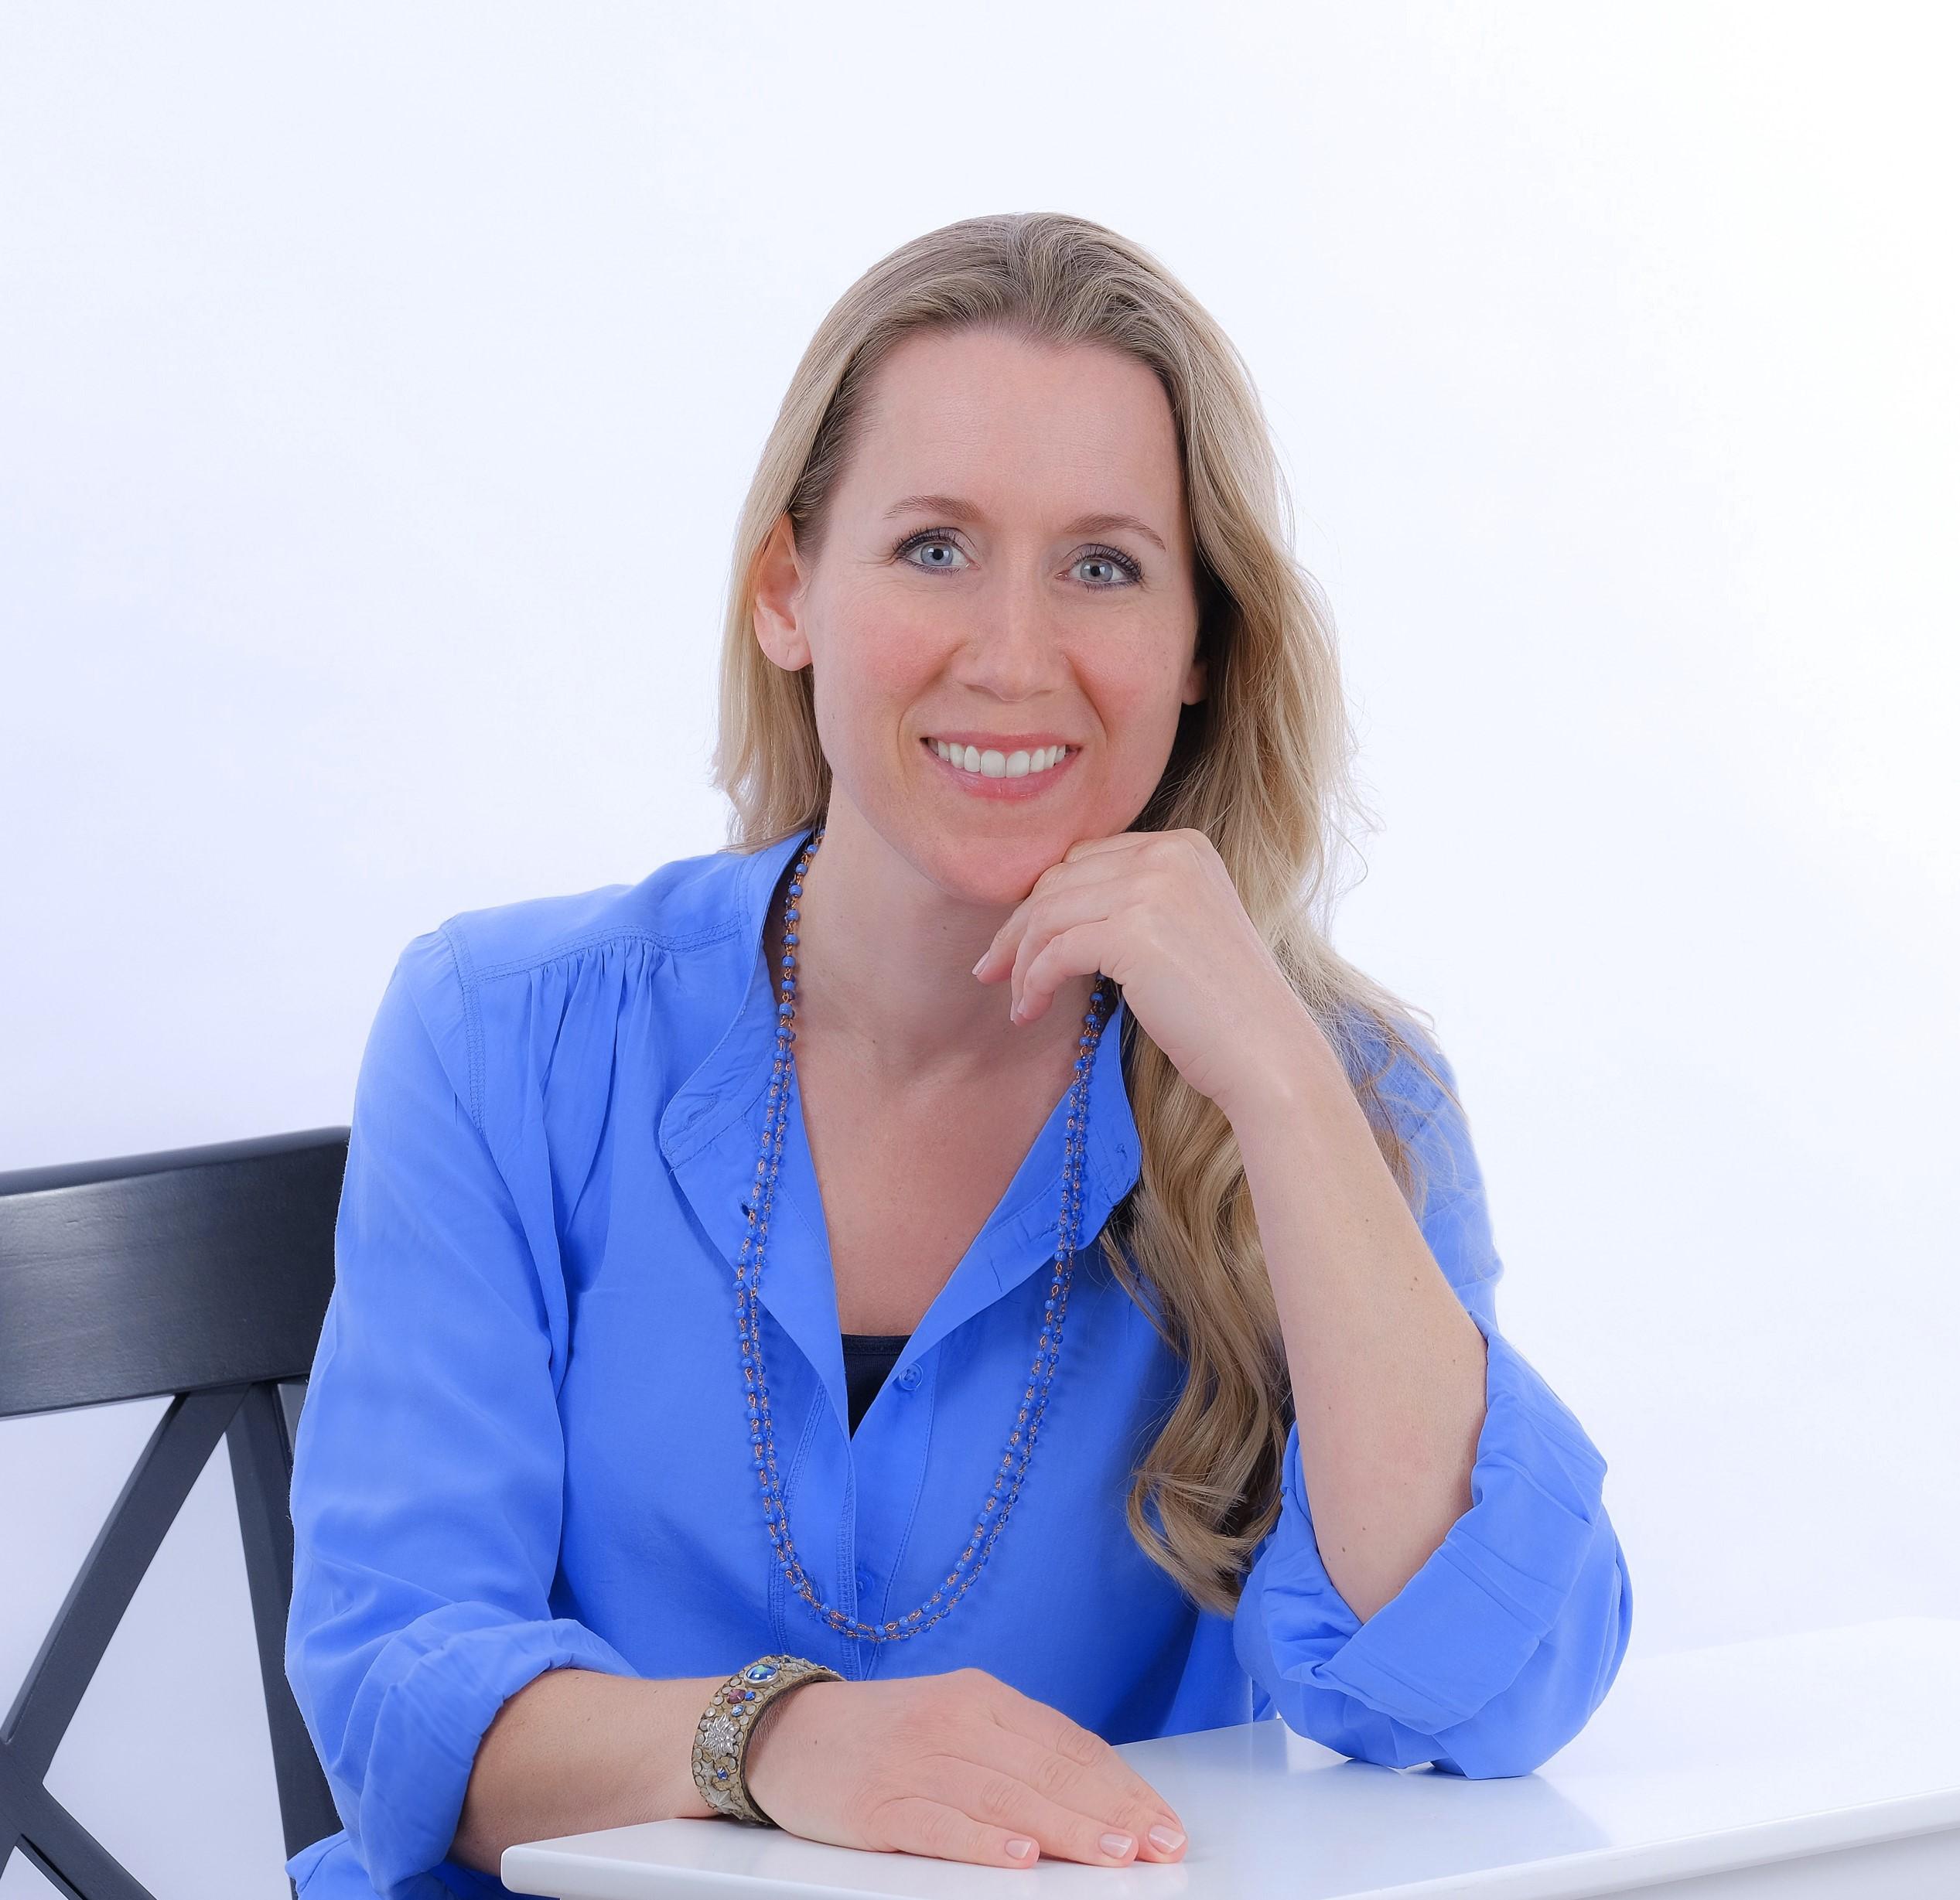 Dorina Seidler am Schreibtisch sitzend